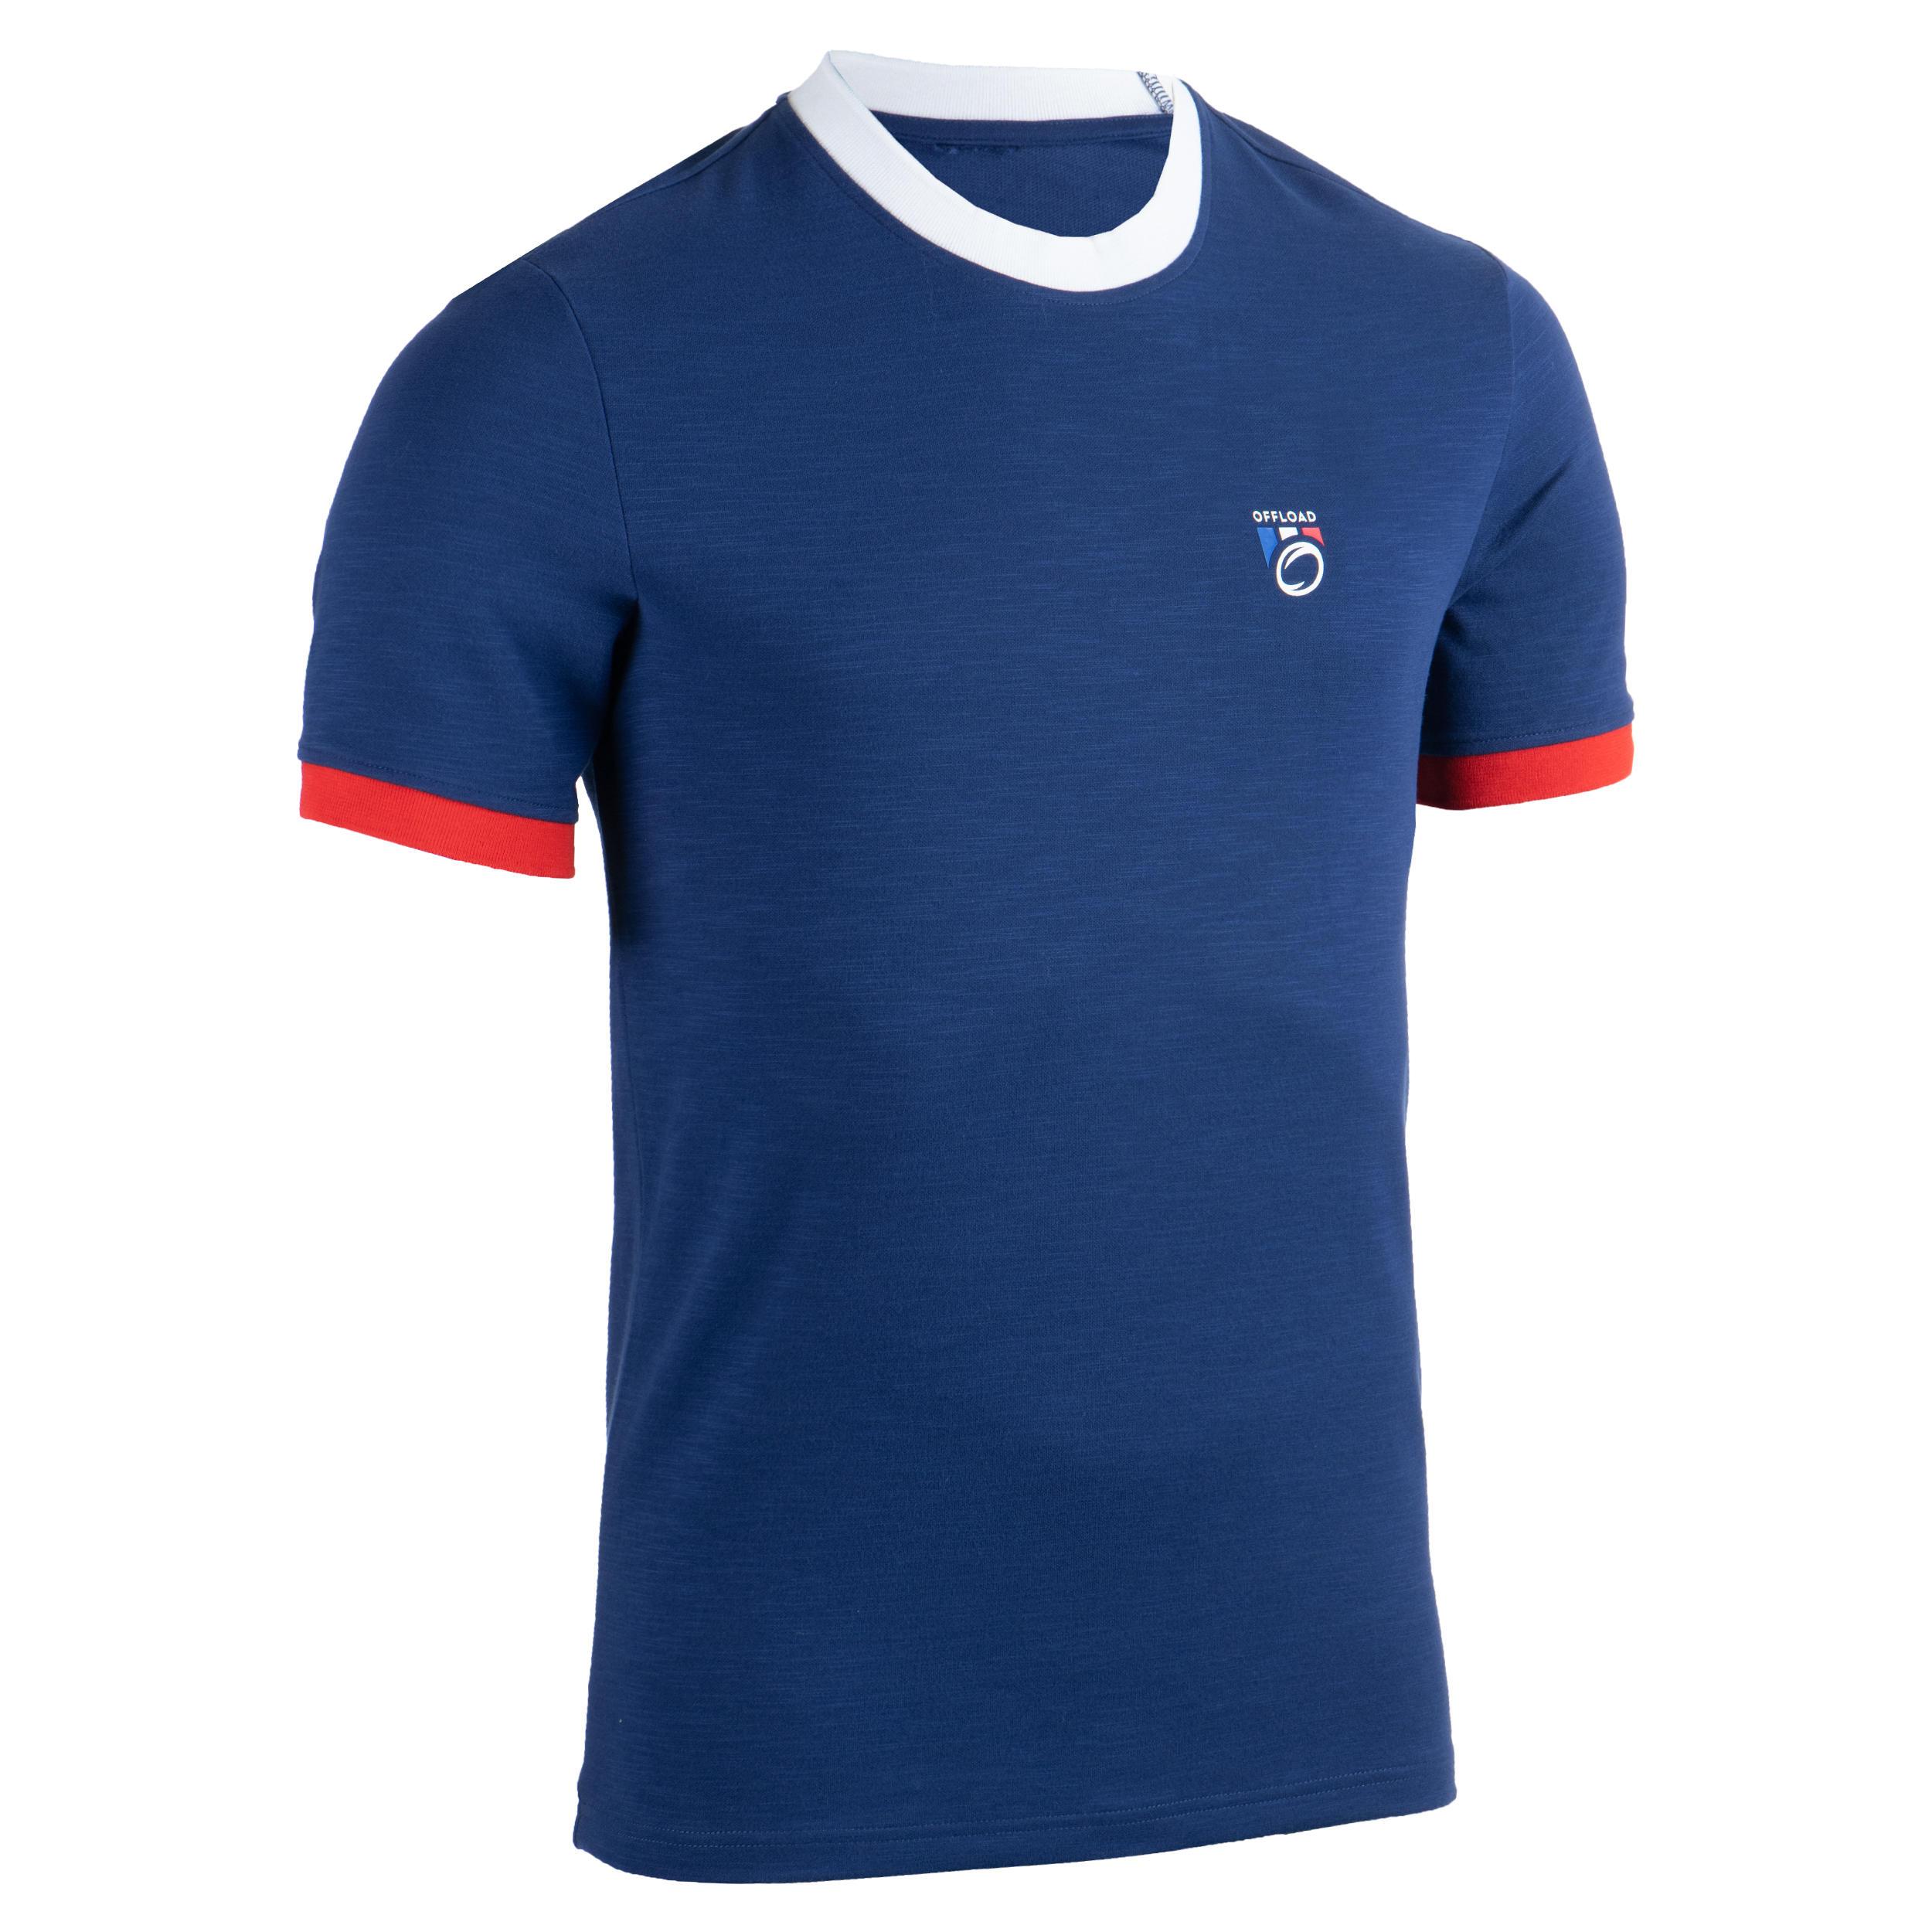 Rugby-Fanshirt Frankreich 2019 Erwachsene blau | Sportbekleidung > Sportshirts > Fanshirts | Offload